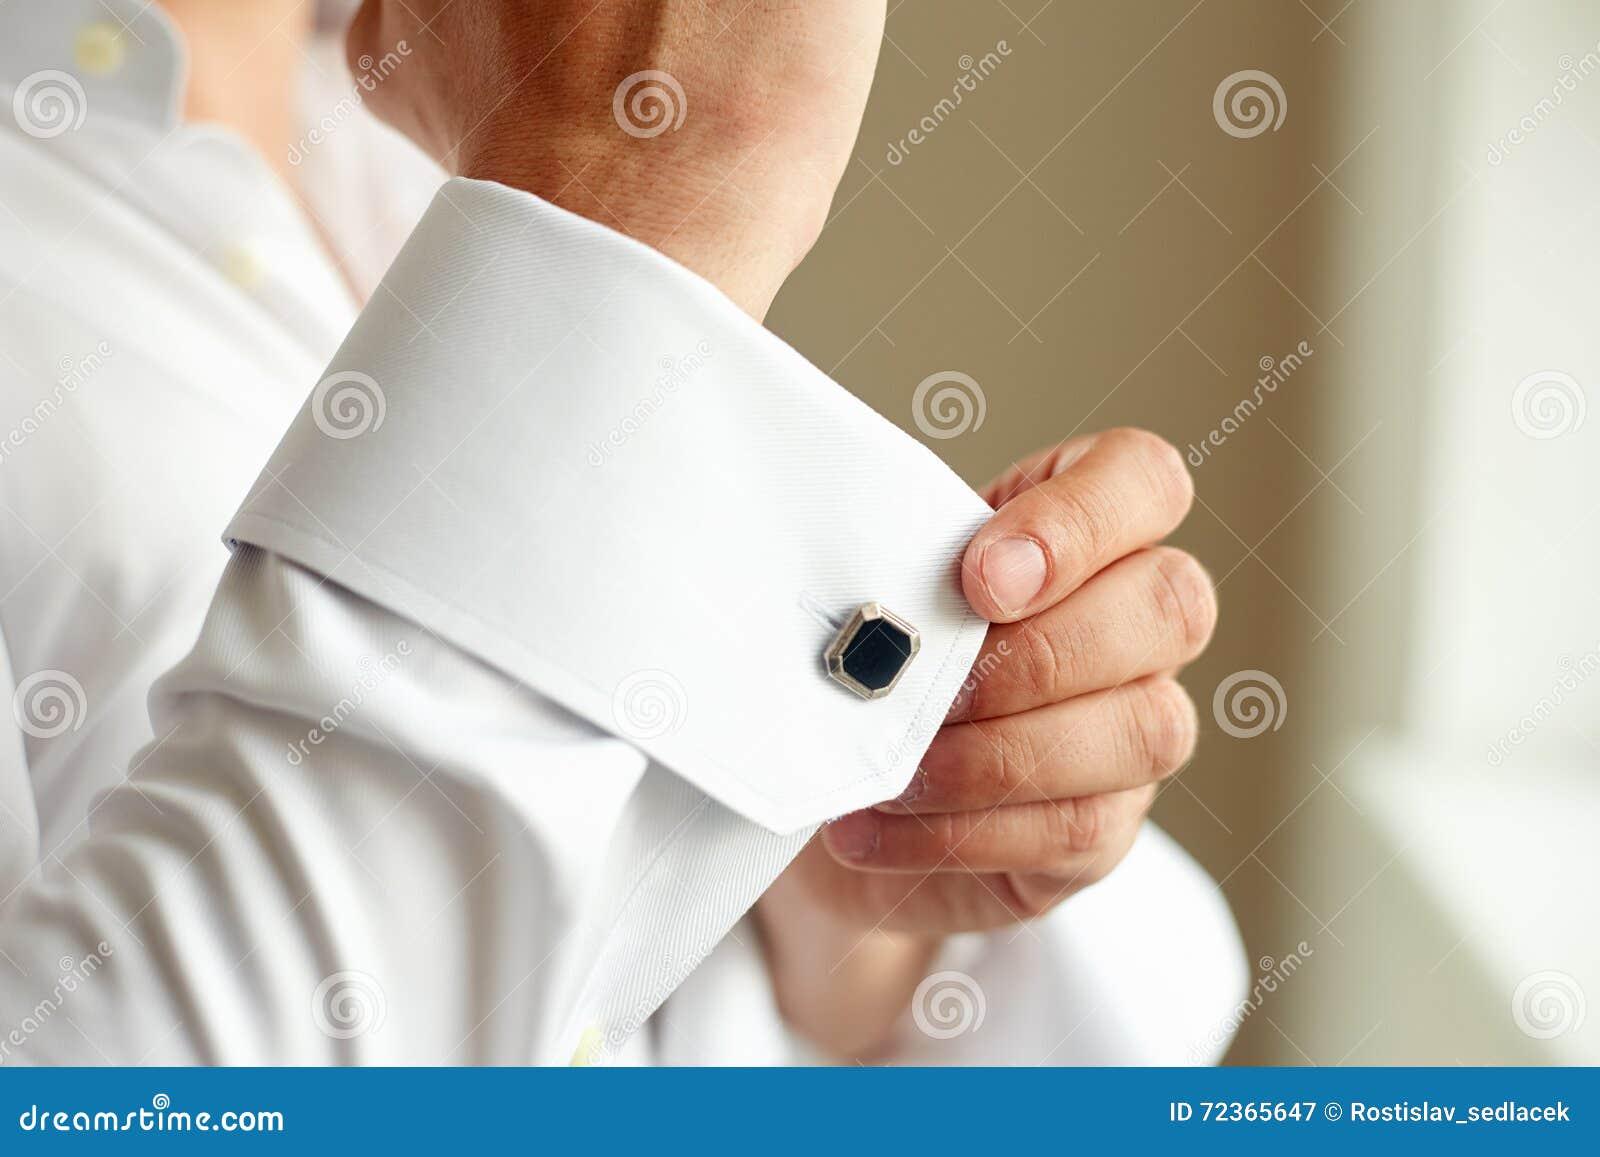 改正他的衬衣的袖子人